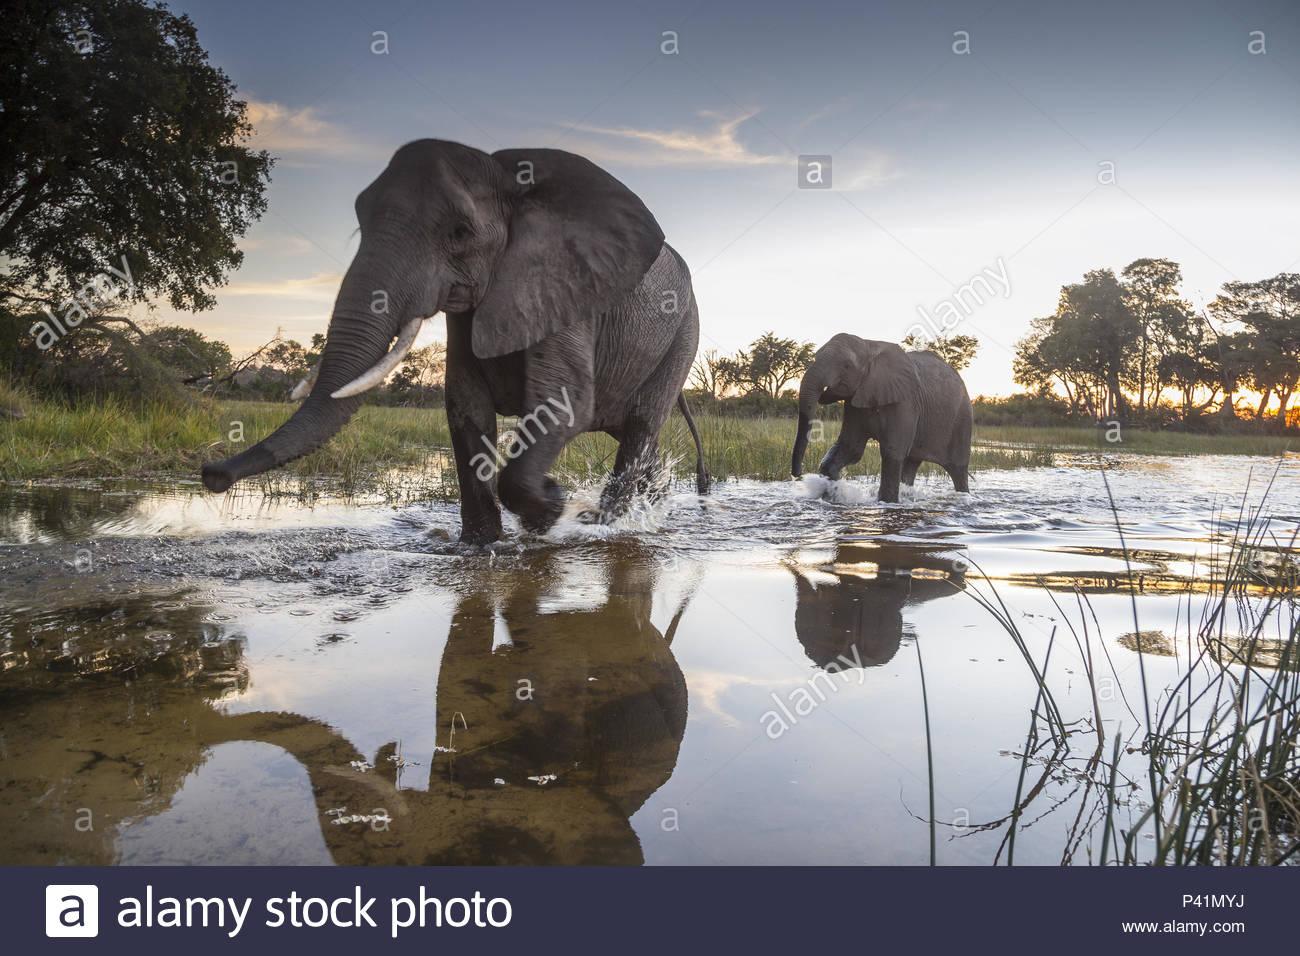 African elephants in the Okavango Delta. - Stock Image